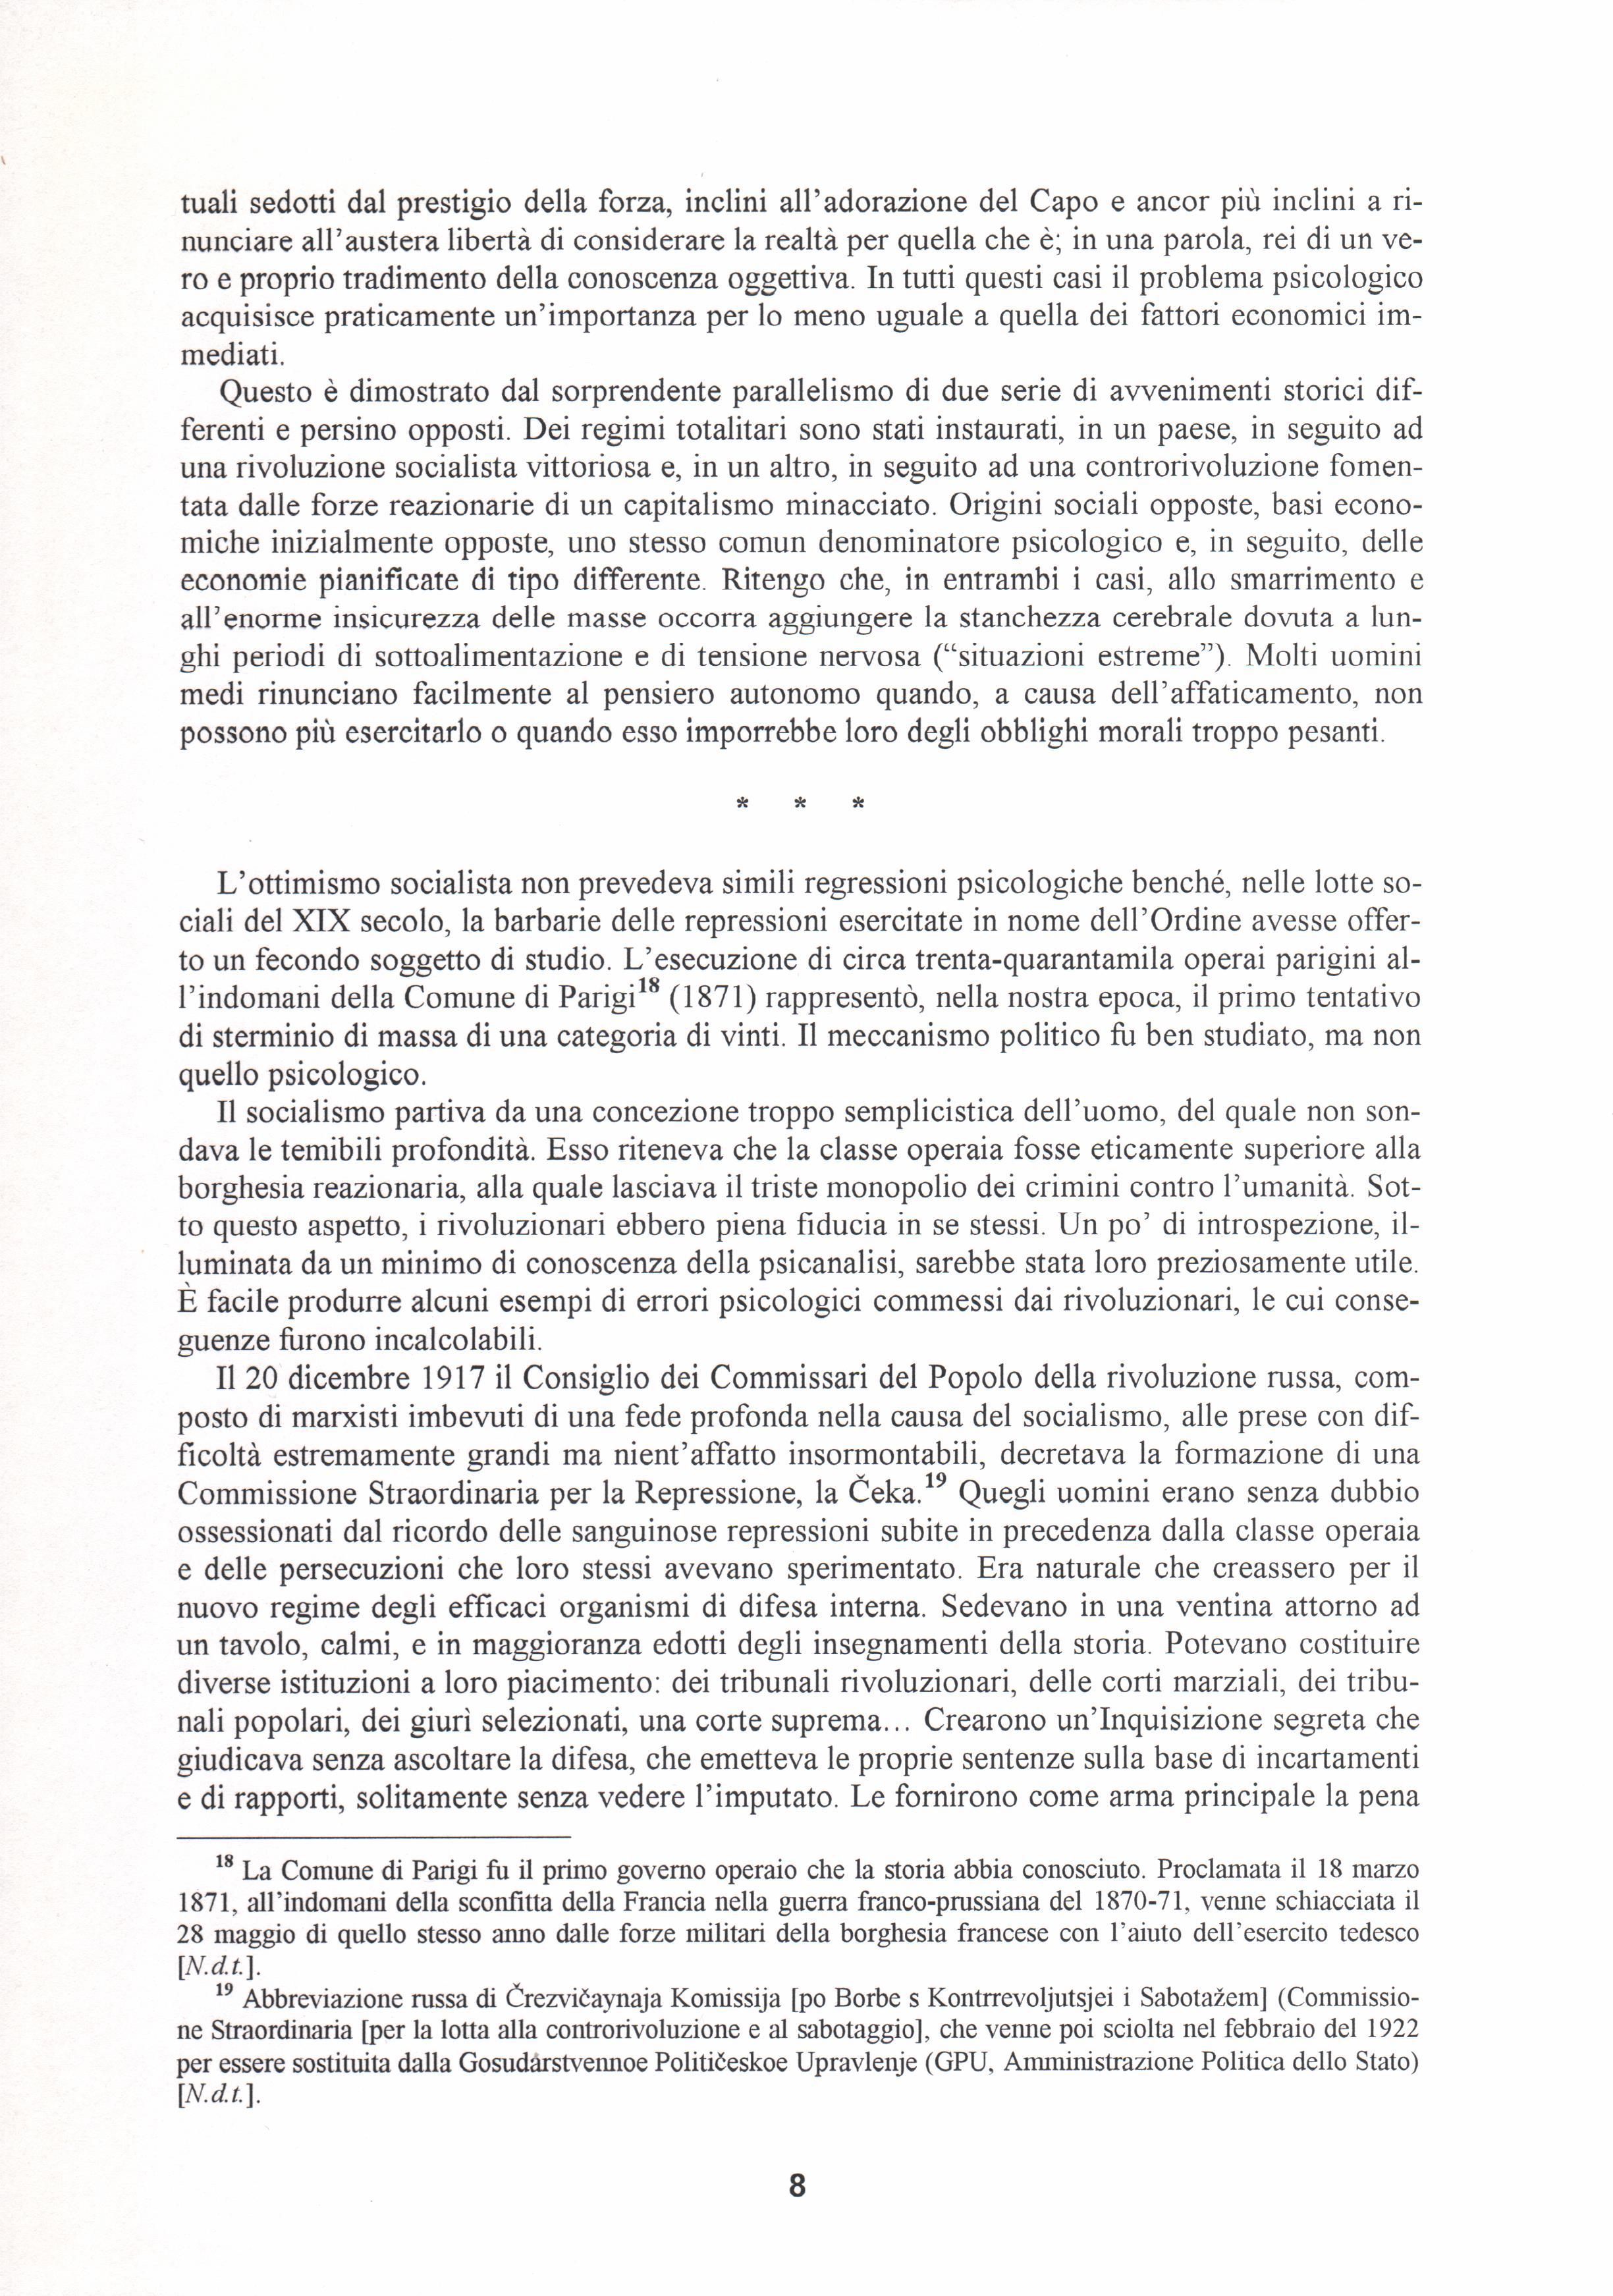 Quaderno n. 20 - pag. 9